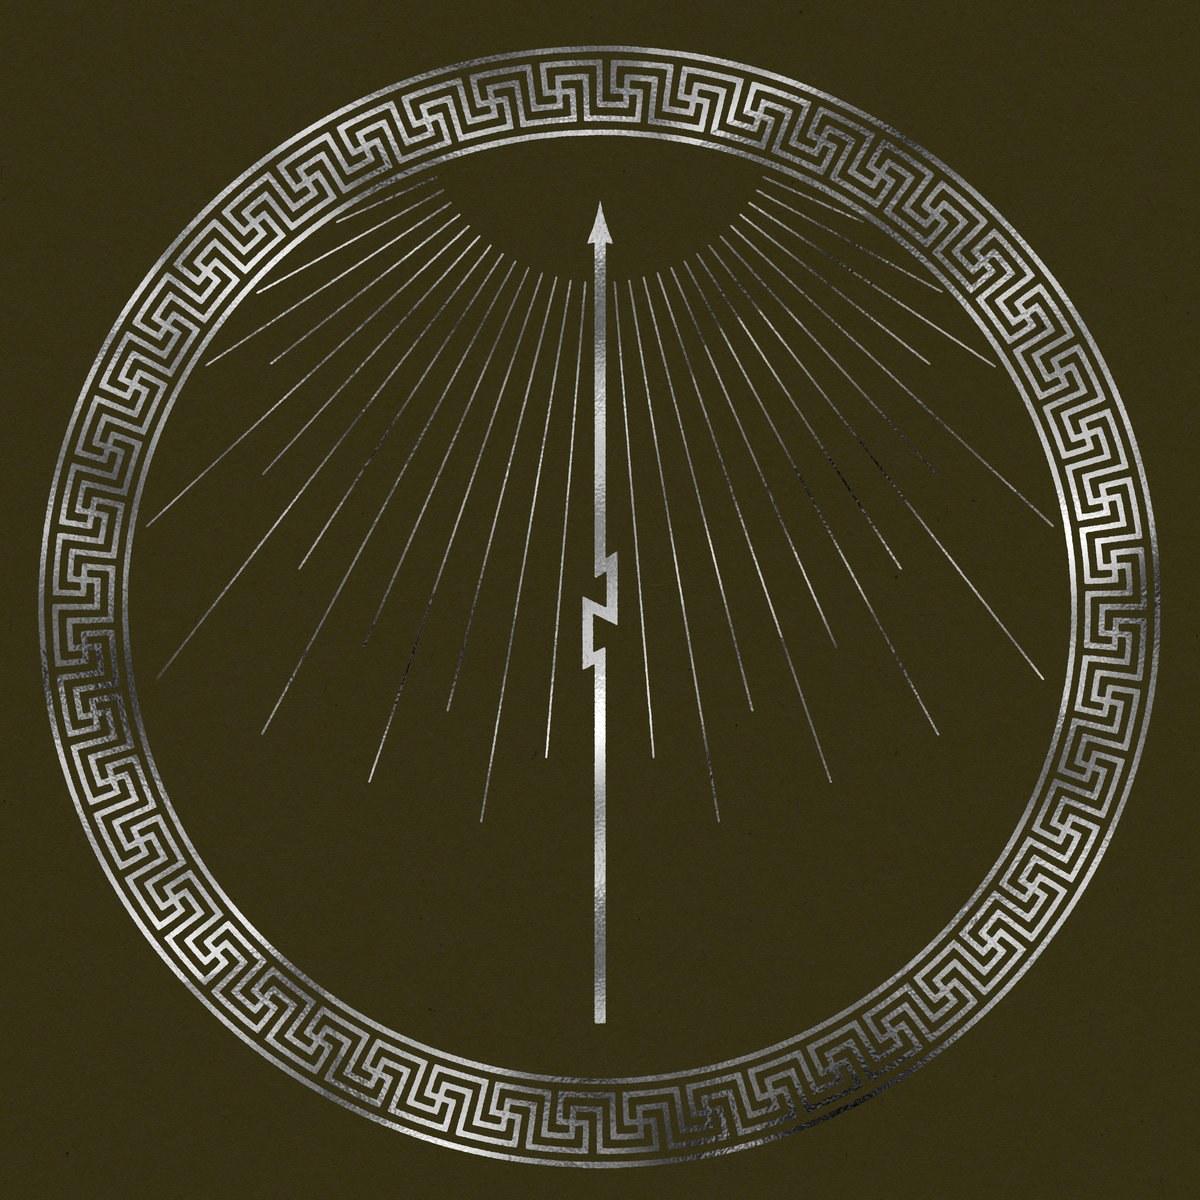 Review for Bölzer - Roman Acupuncture